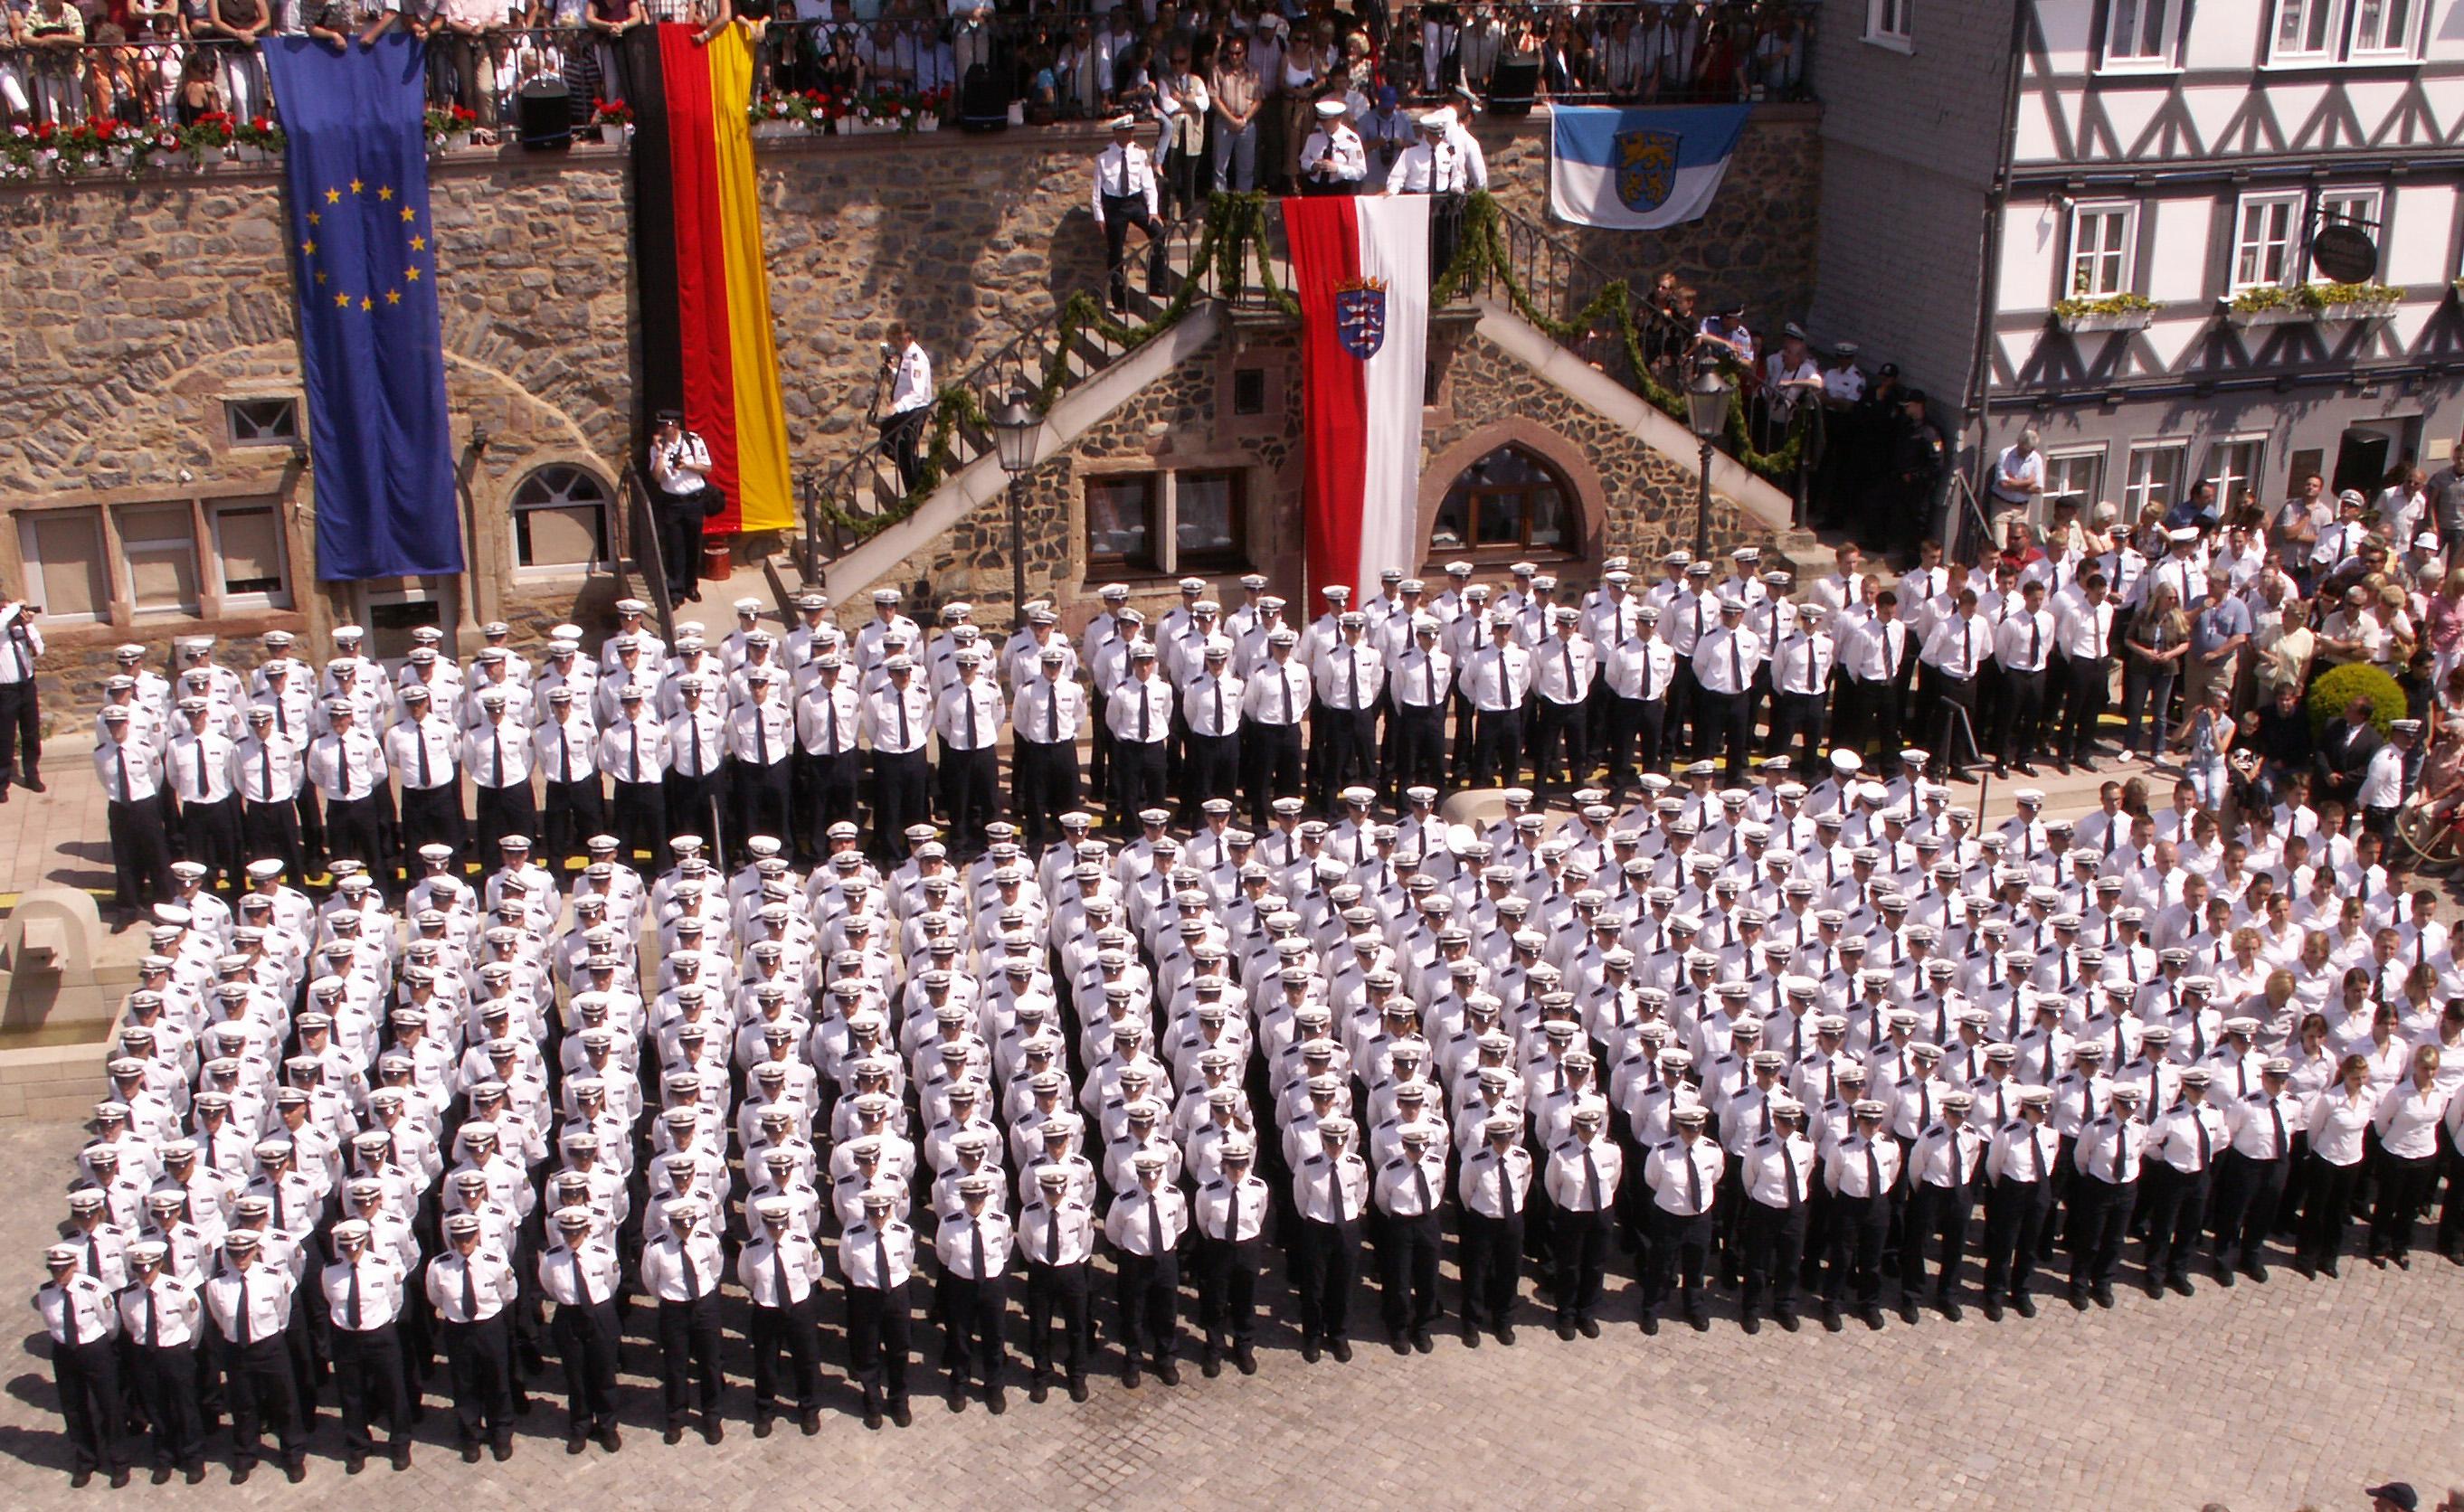 hessische polizei wikiwand - Polizei Bewerbung Hessen